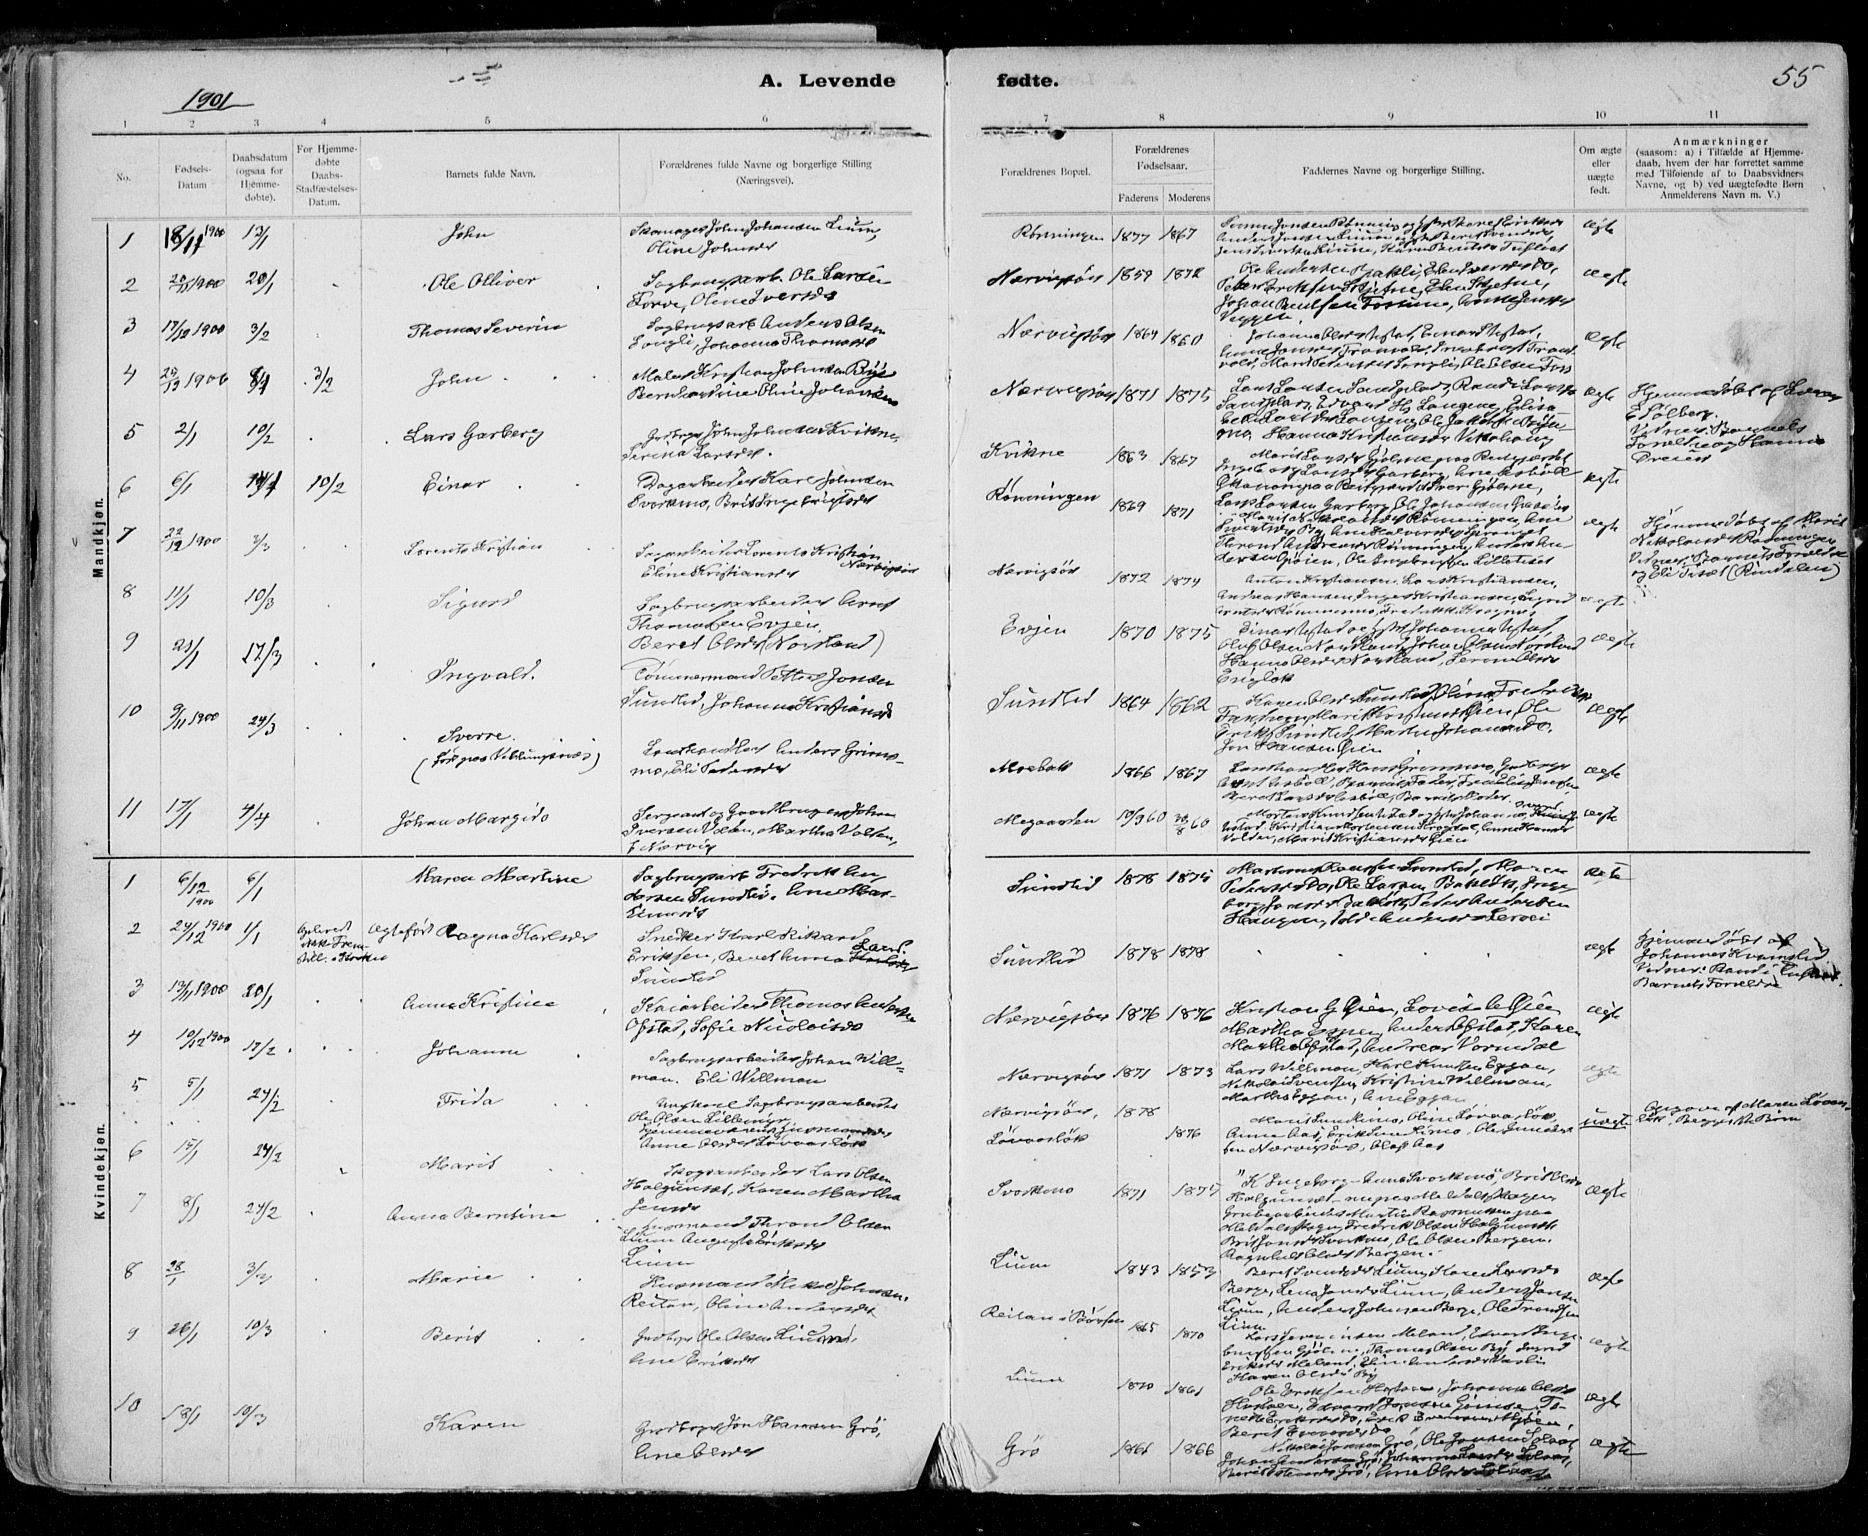 SAT, Ministerialprotokoller, klokkerbøker og fødselsregistre - Sør-Trøndelag, 668/L0811: Ministerialbok nr. 668A11, 1894-1913, s. 55